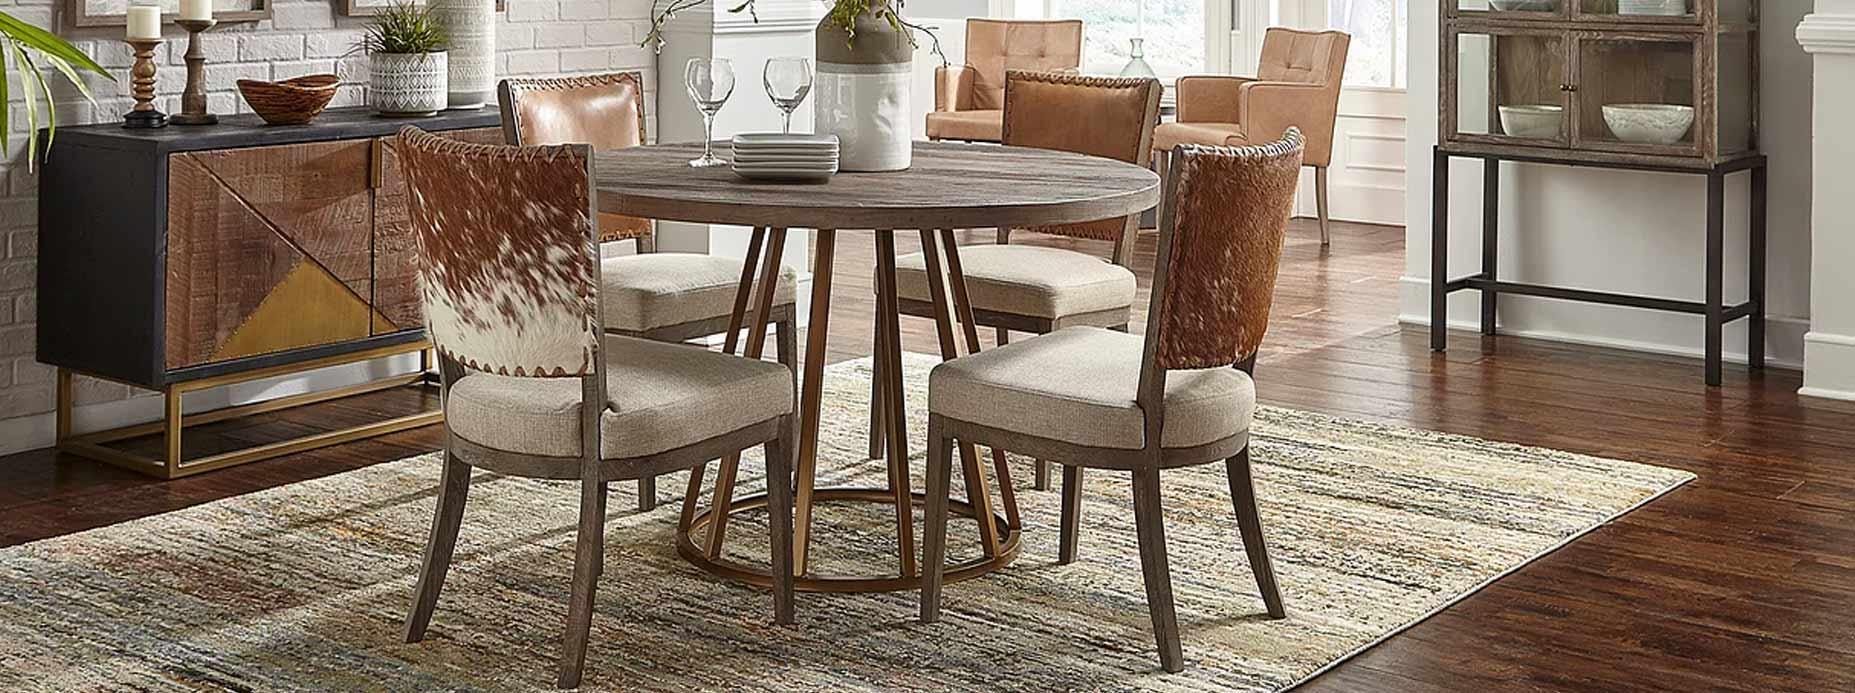 Furniture Classics Furniture At Hickory Park Furniture